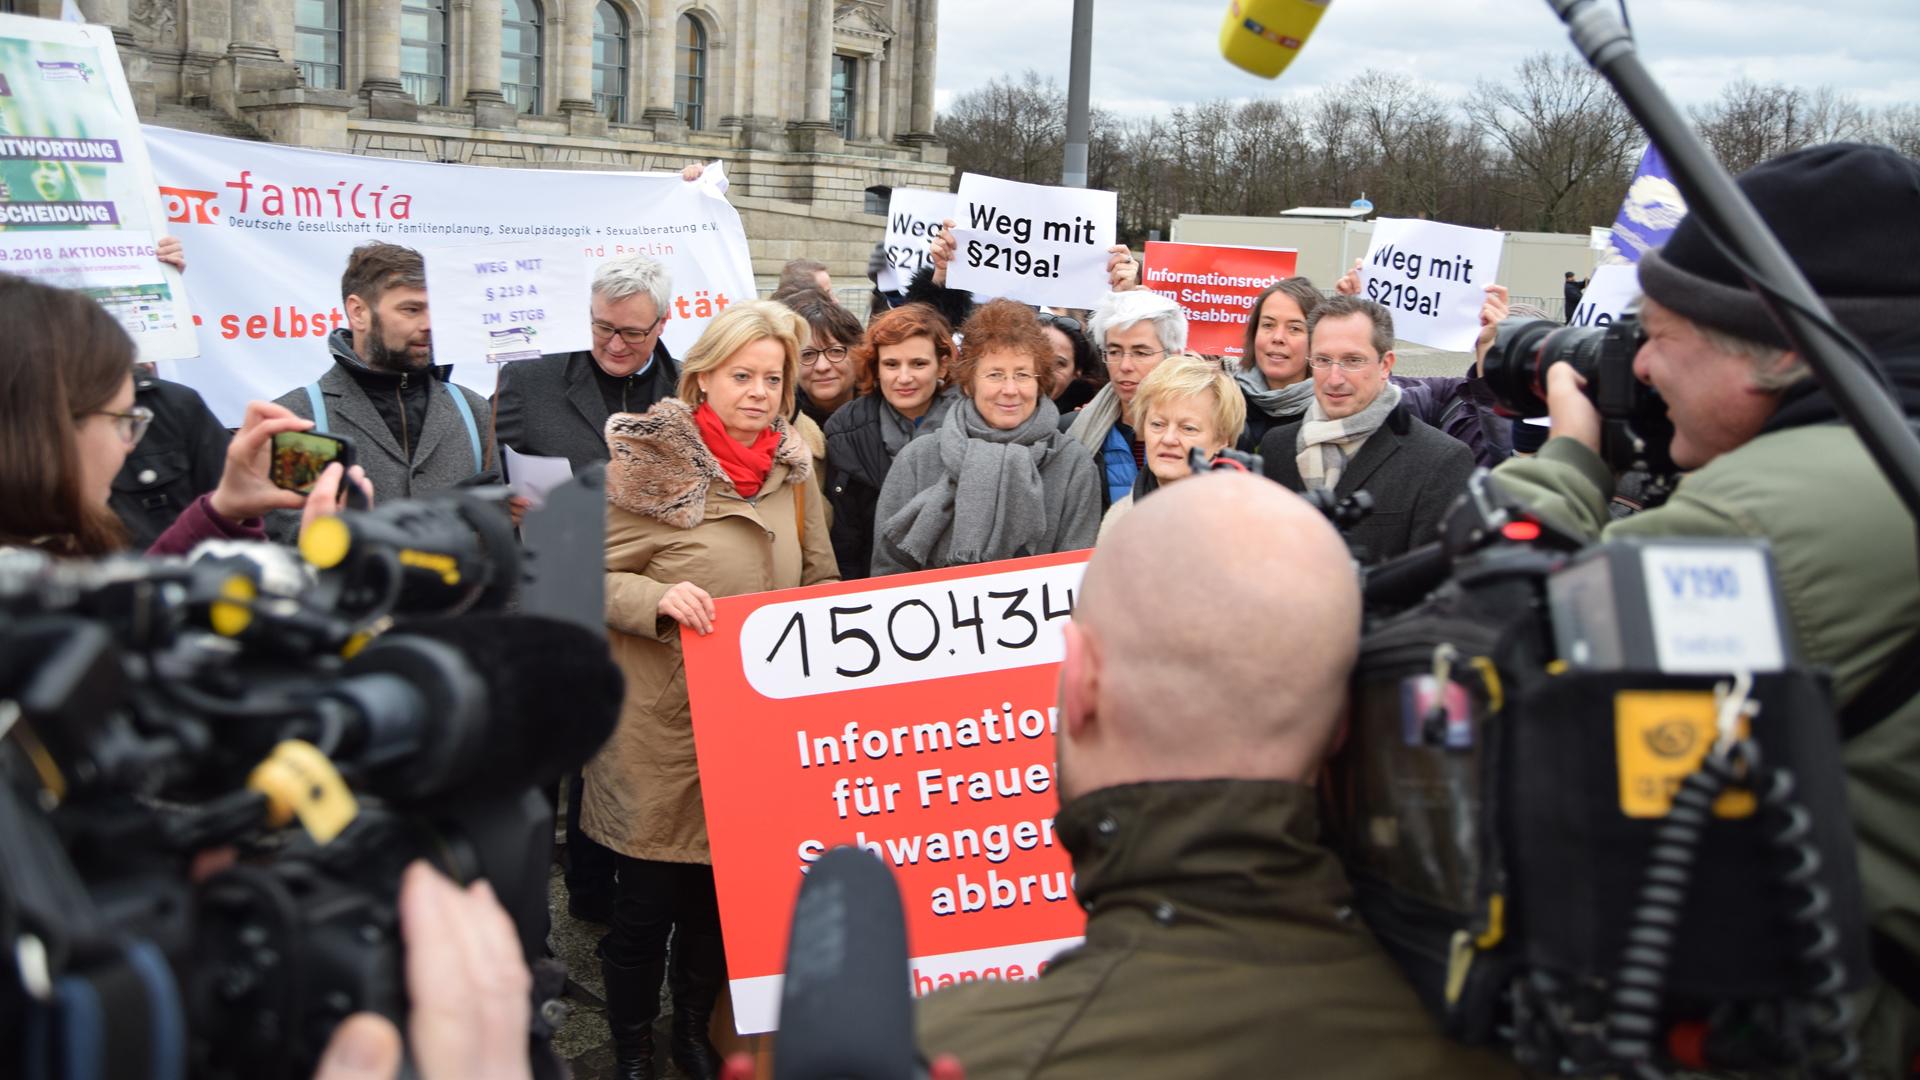 Die Ärztin Kristina Hänel (M.) hat mit ihrem Kampf für Abtreibungswerbung eine öffentliche Debatte angestoßen